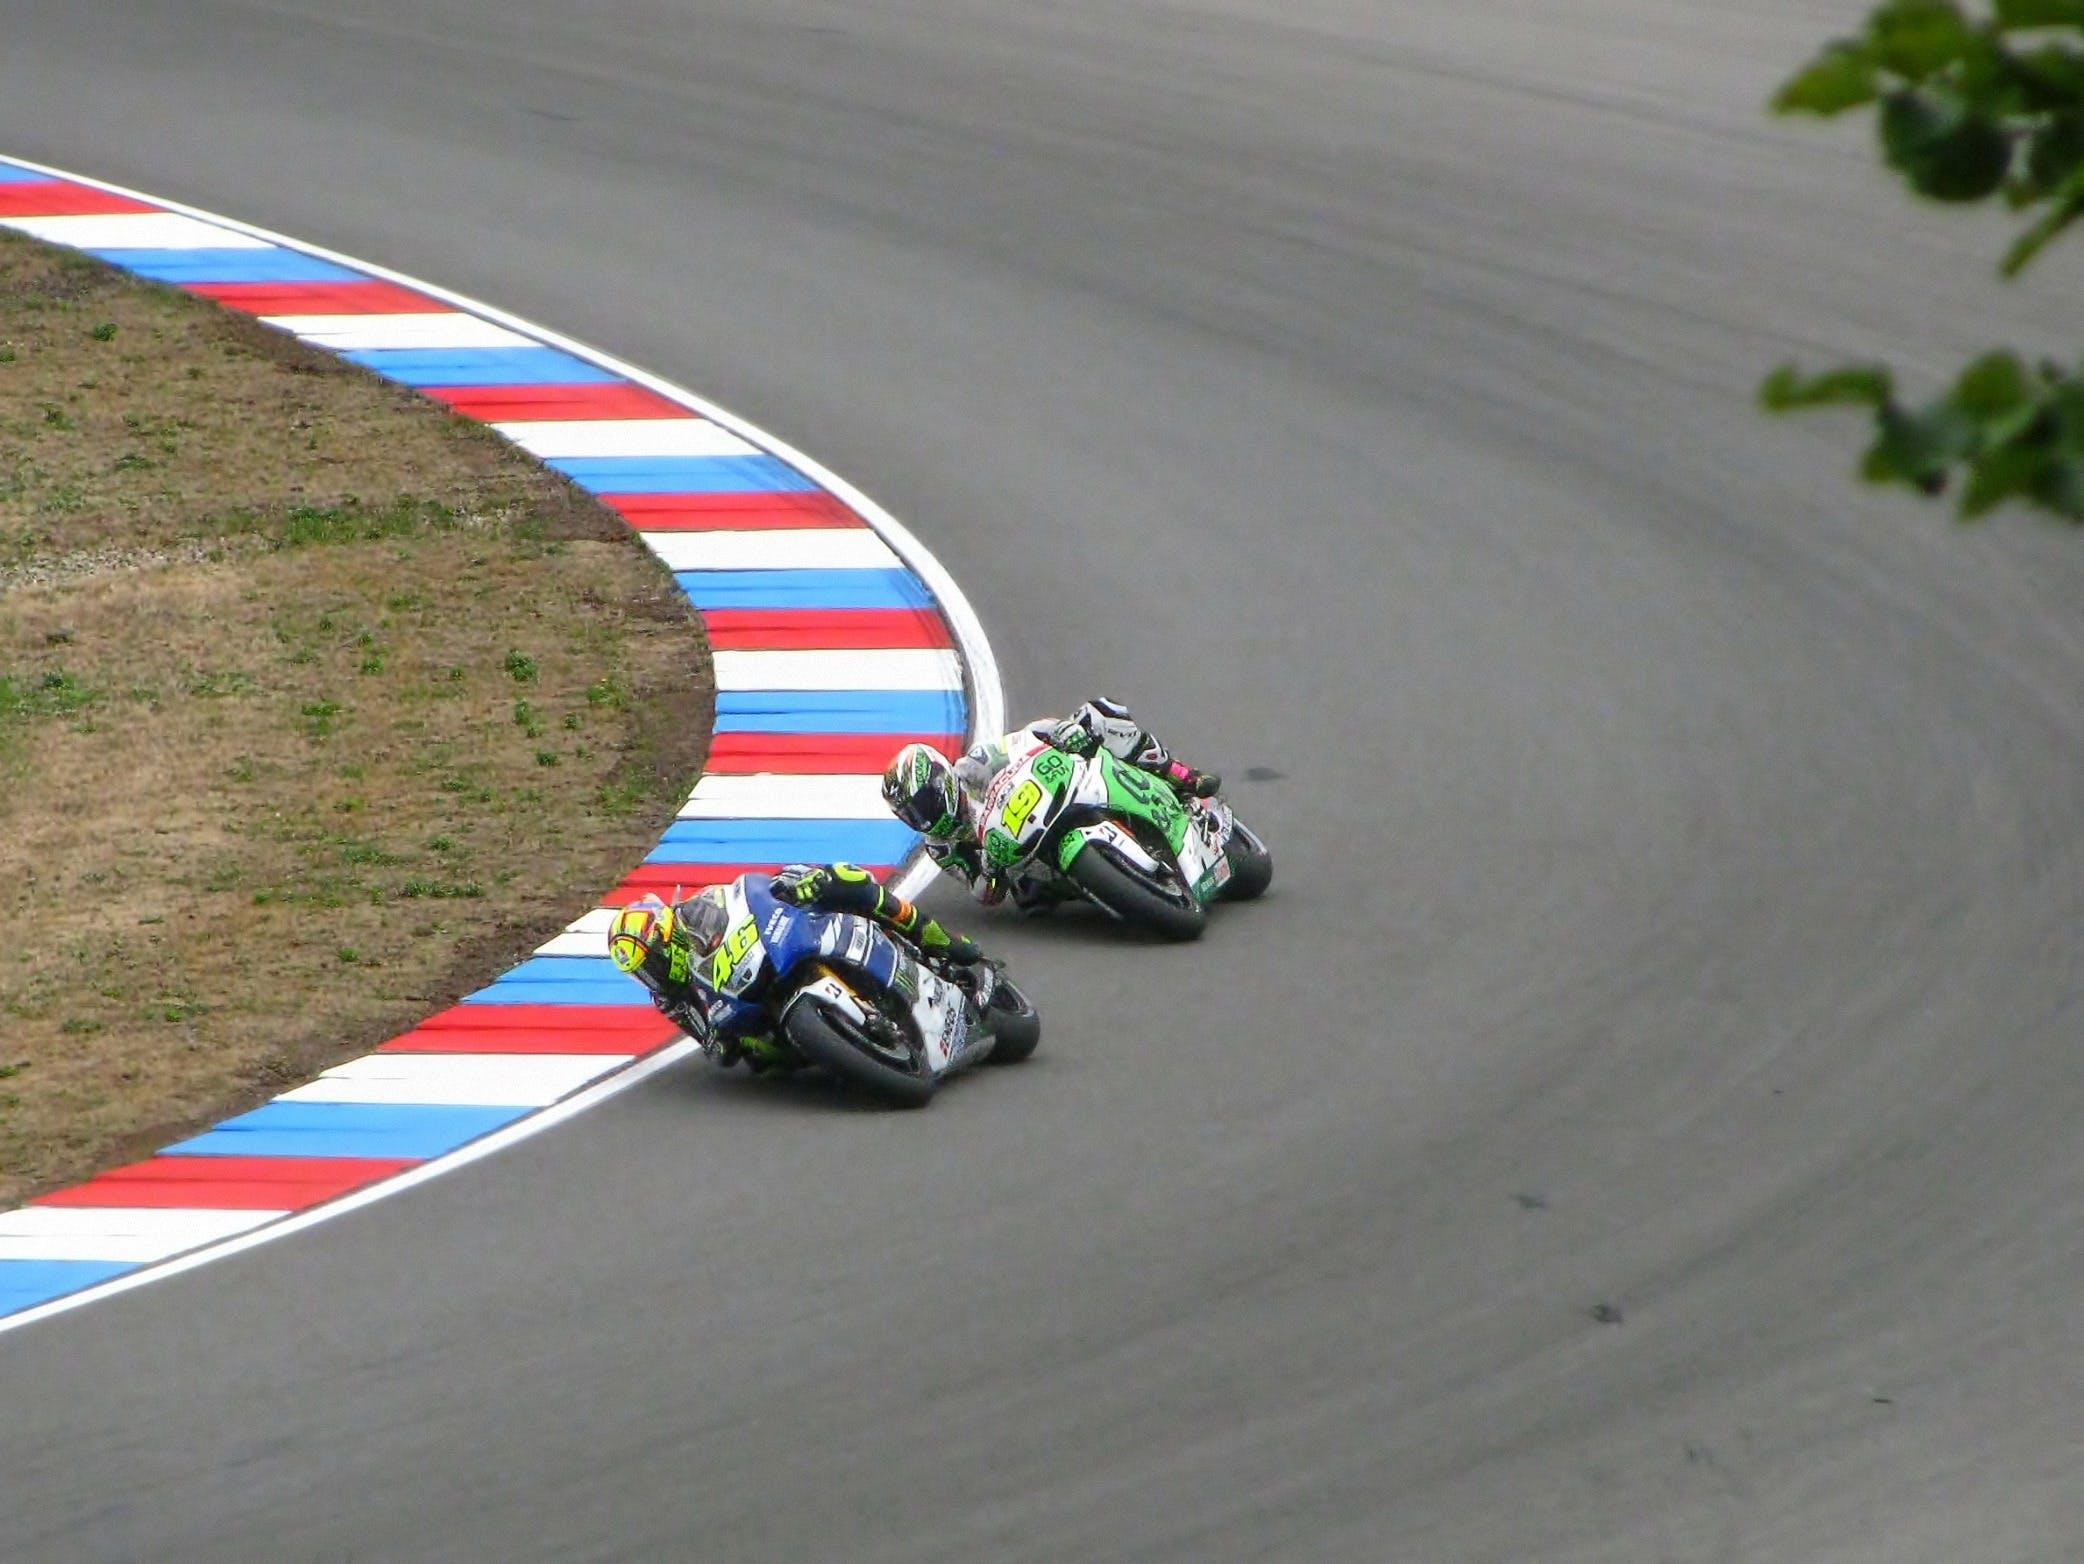 Racing Between 2 Men Riding Motorcycle